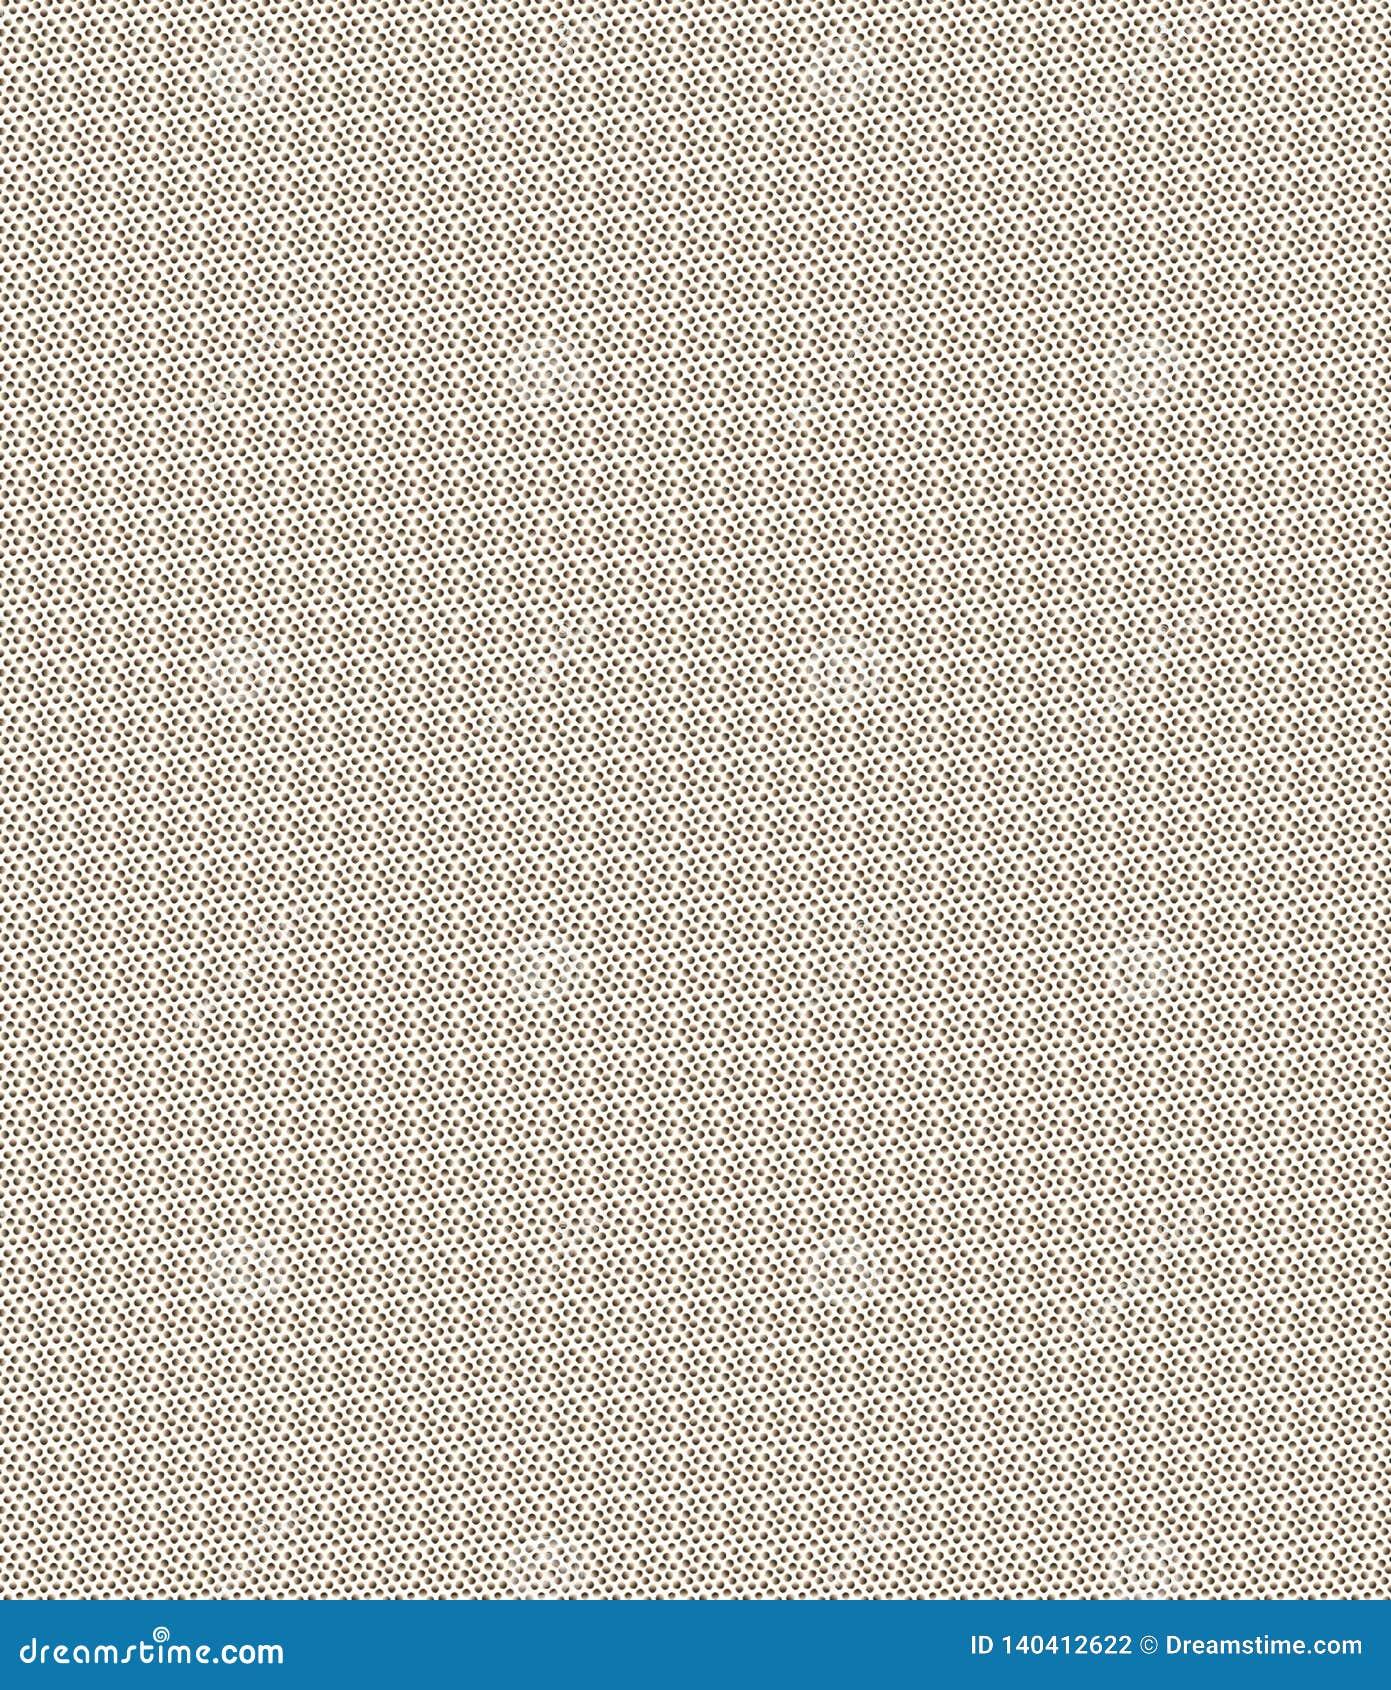 Картина безшовного конспекта красочная striped Бесконечную картину можно использовать для керамической плитки